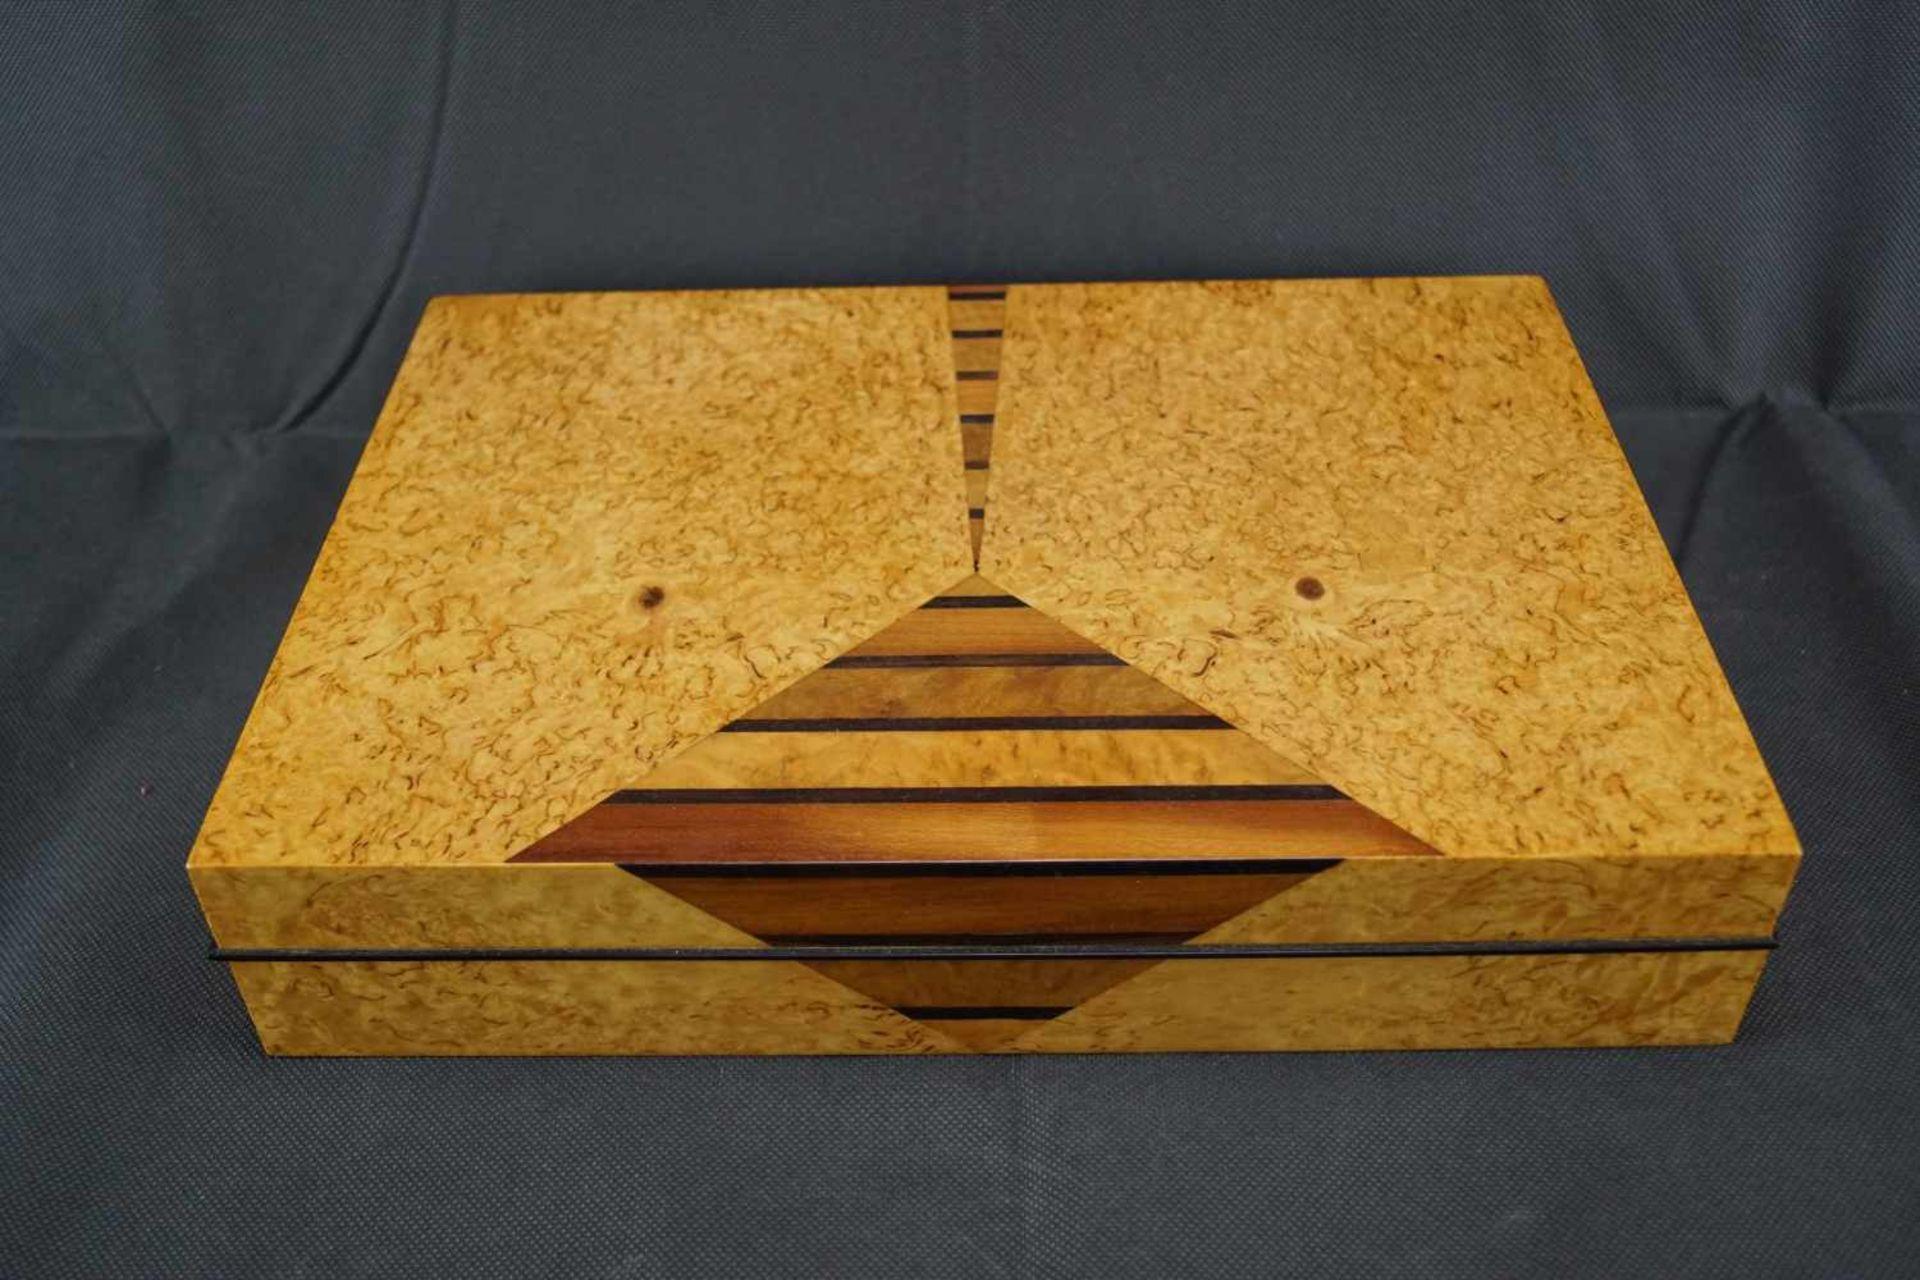 Zweiteilige Schatulle Ulrike Scriba (1944- ), Höhe: 7,5cm x Breite: 34,5cm x Tiefe: 24,5cm,